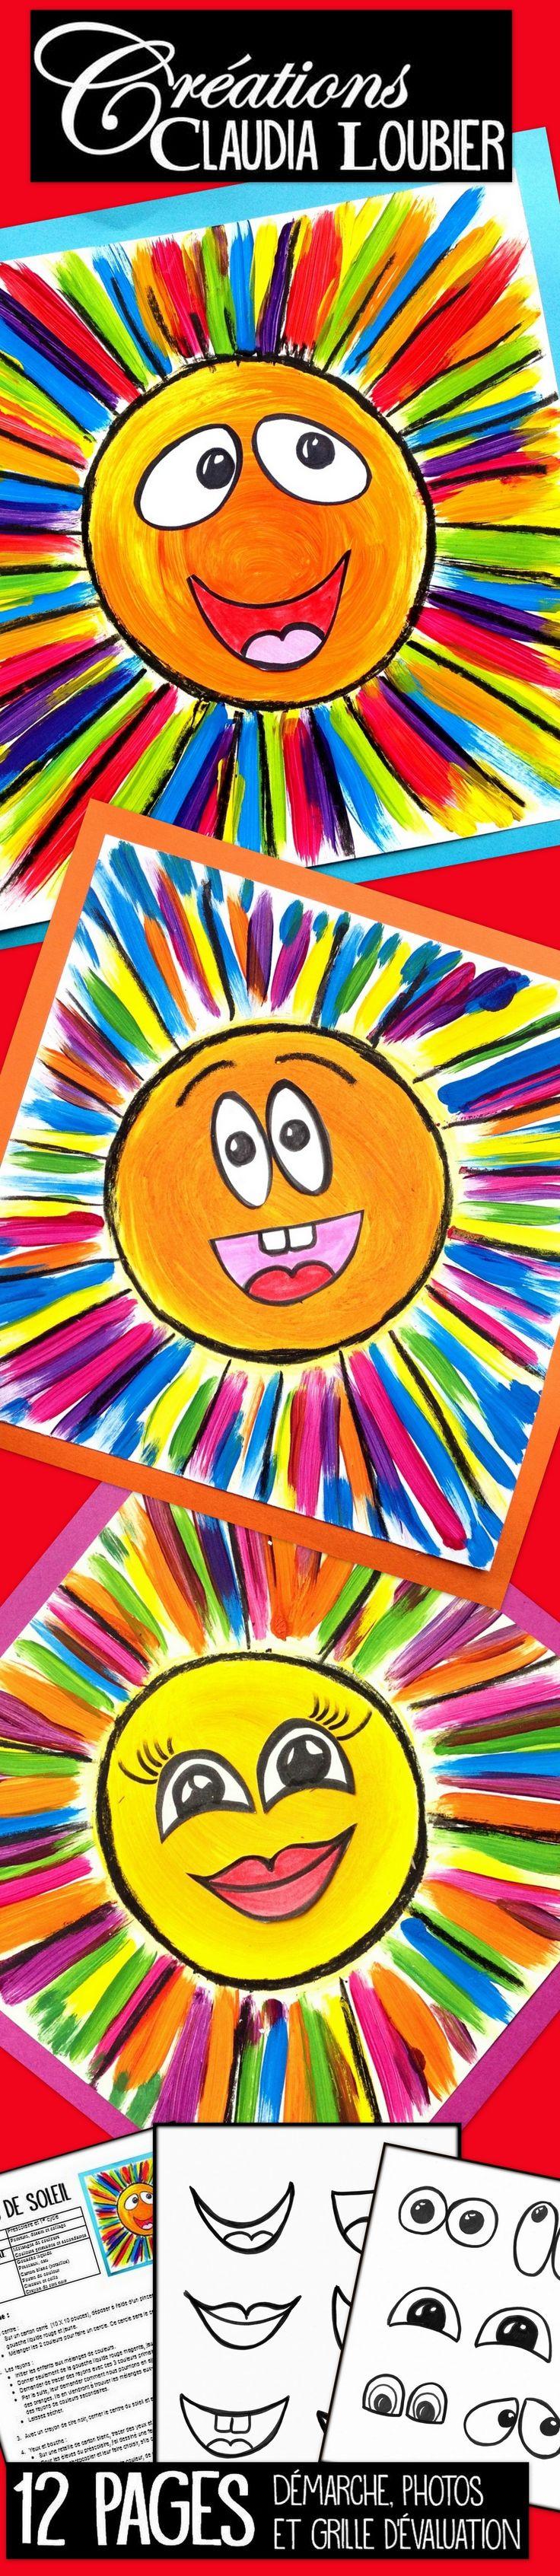 Avec ce projet simple, les enfants apprennent comment créer les couleurs secondaires à partir des couleurs primaires. Pour les élèves du préscolaire et du premier cycle. Vous aurez besoin de gouache liquide, de carton blanc, de crayon de feutre noir. J'ai dessiné des exemples de yeux et de bouches pour les plus petits. Vous pouvez vous en inspirer ou tout simplement les utiliser pour le collage. Mettez du soleil dans votre classe !